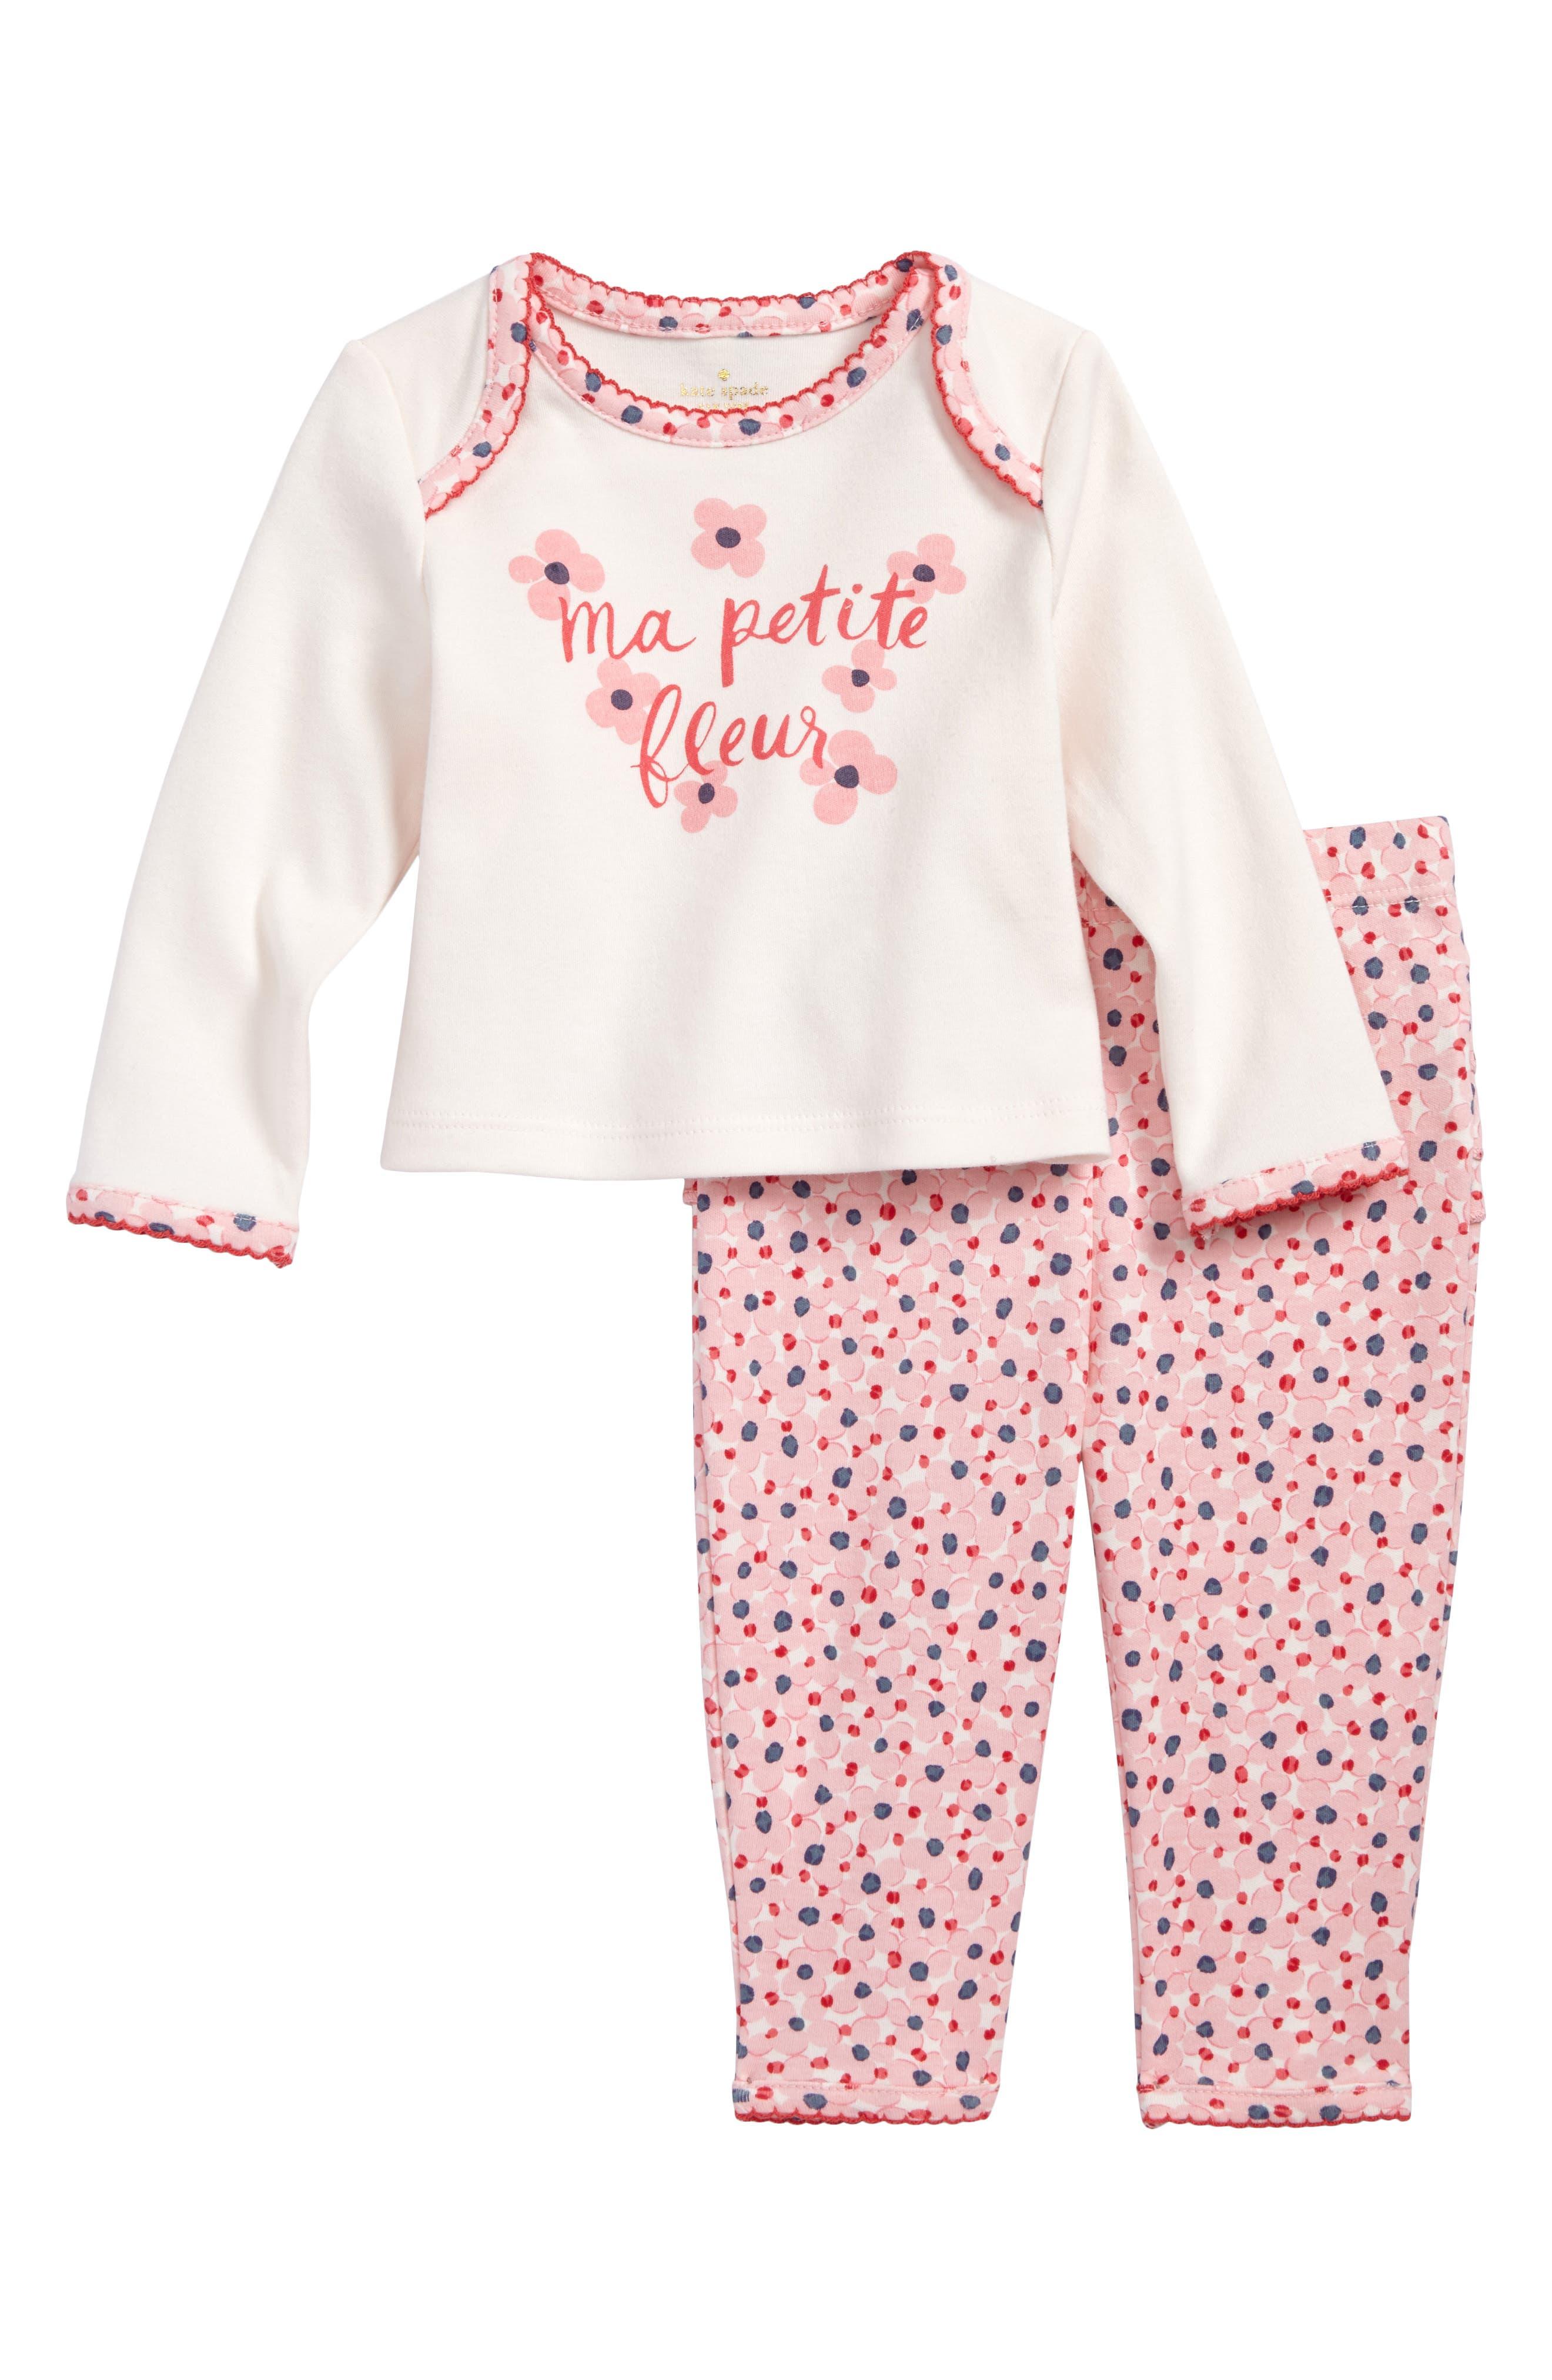 kate spade new york ma petit fleur two-piece pajamas (Baby Girls)